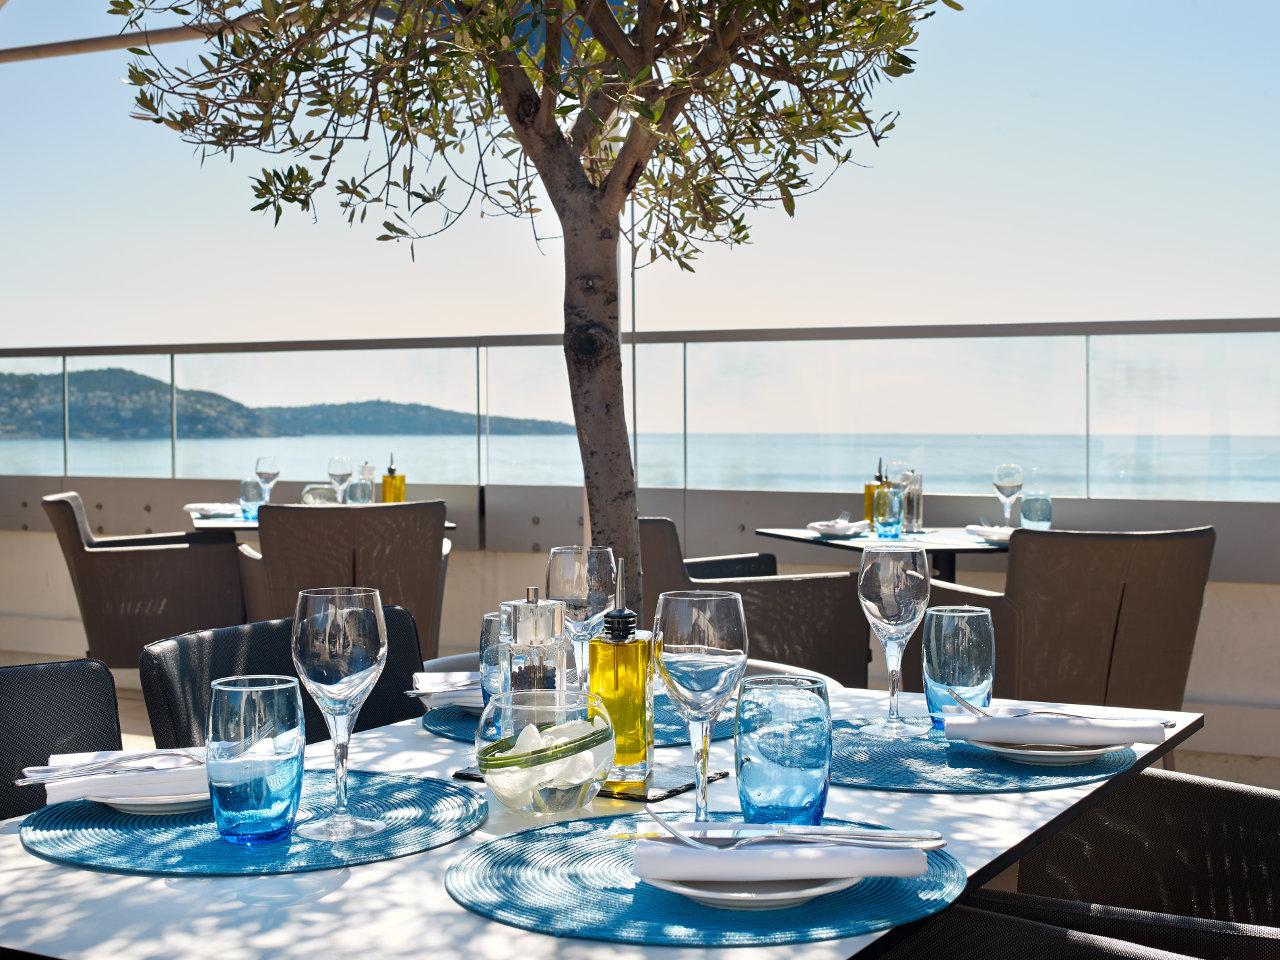 calade rooftop restaurant viajar a niza madmenmag